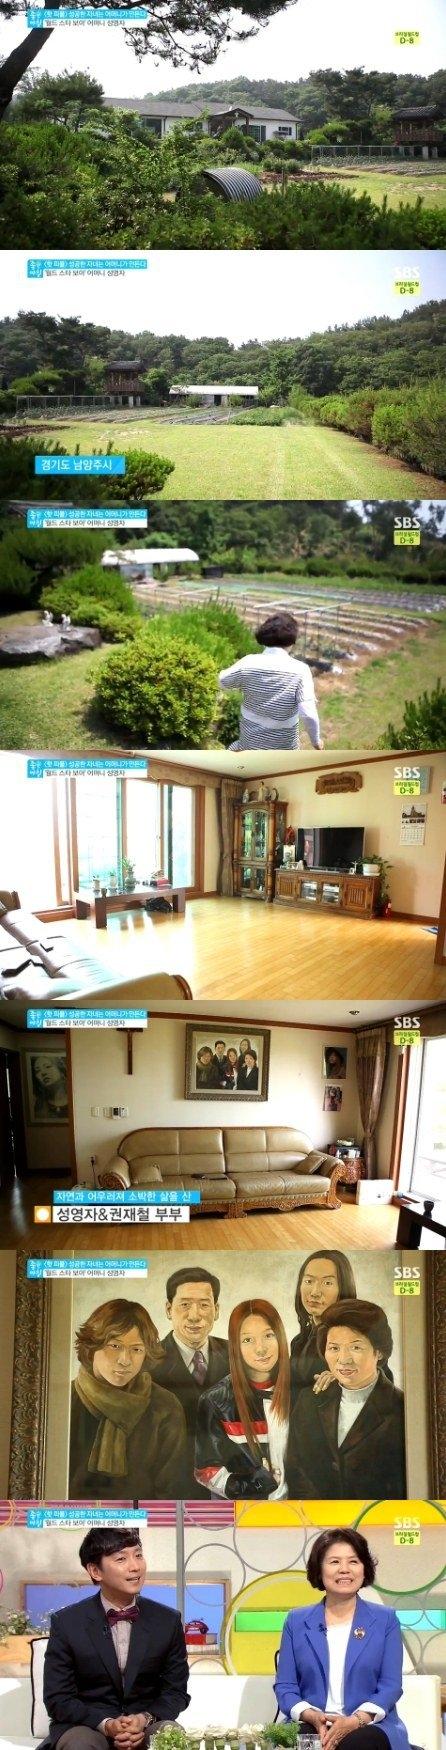 Nhà của BoA cũng được tiết lộ trong chương trình